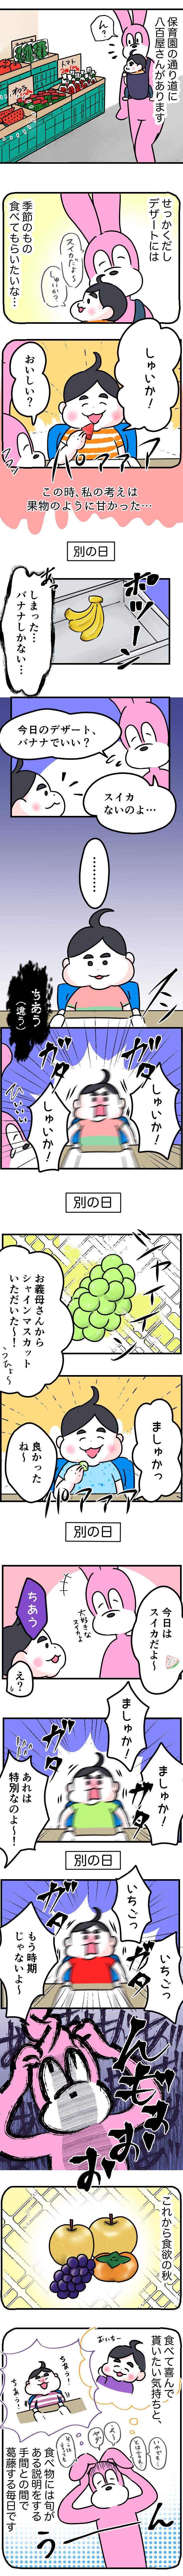 旬の果物を食べさせたい!親心の斜め上を行く子どもの反応…。の画像2